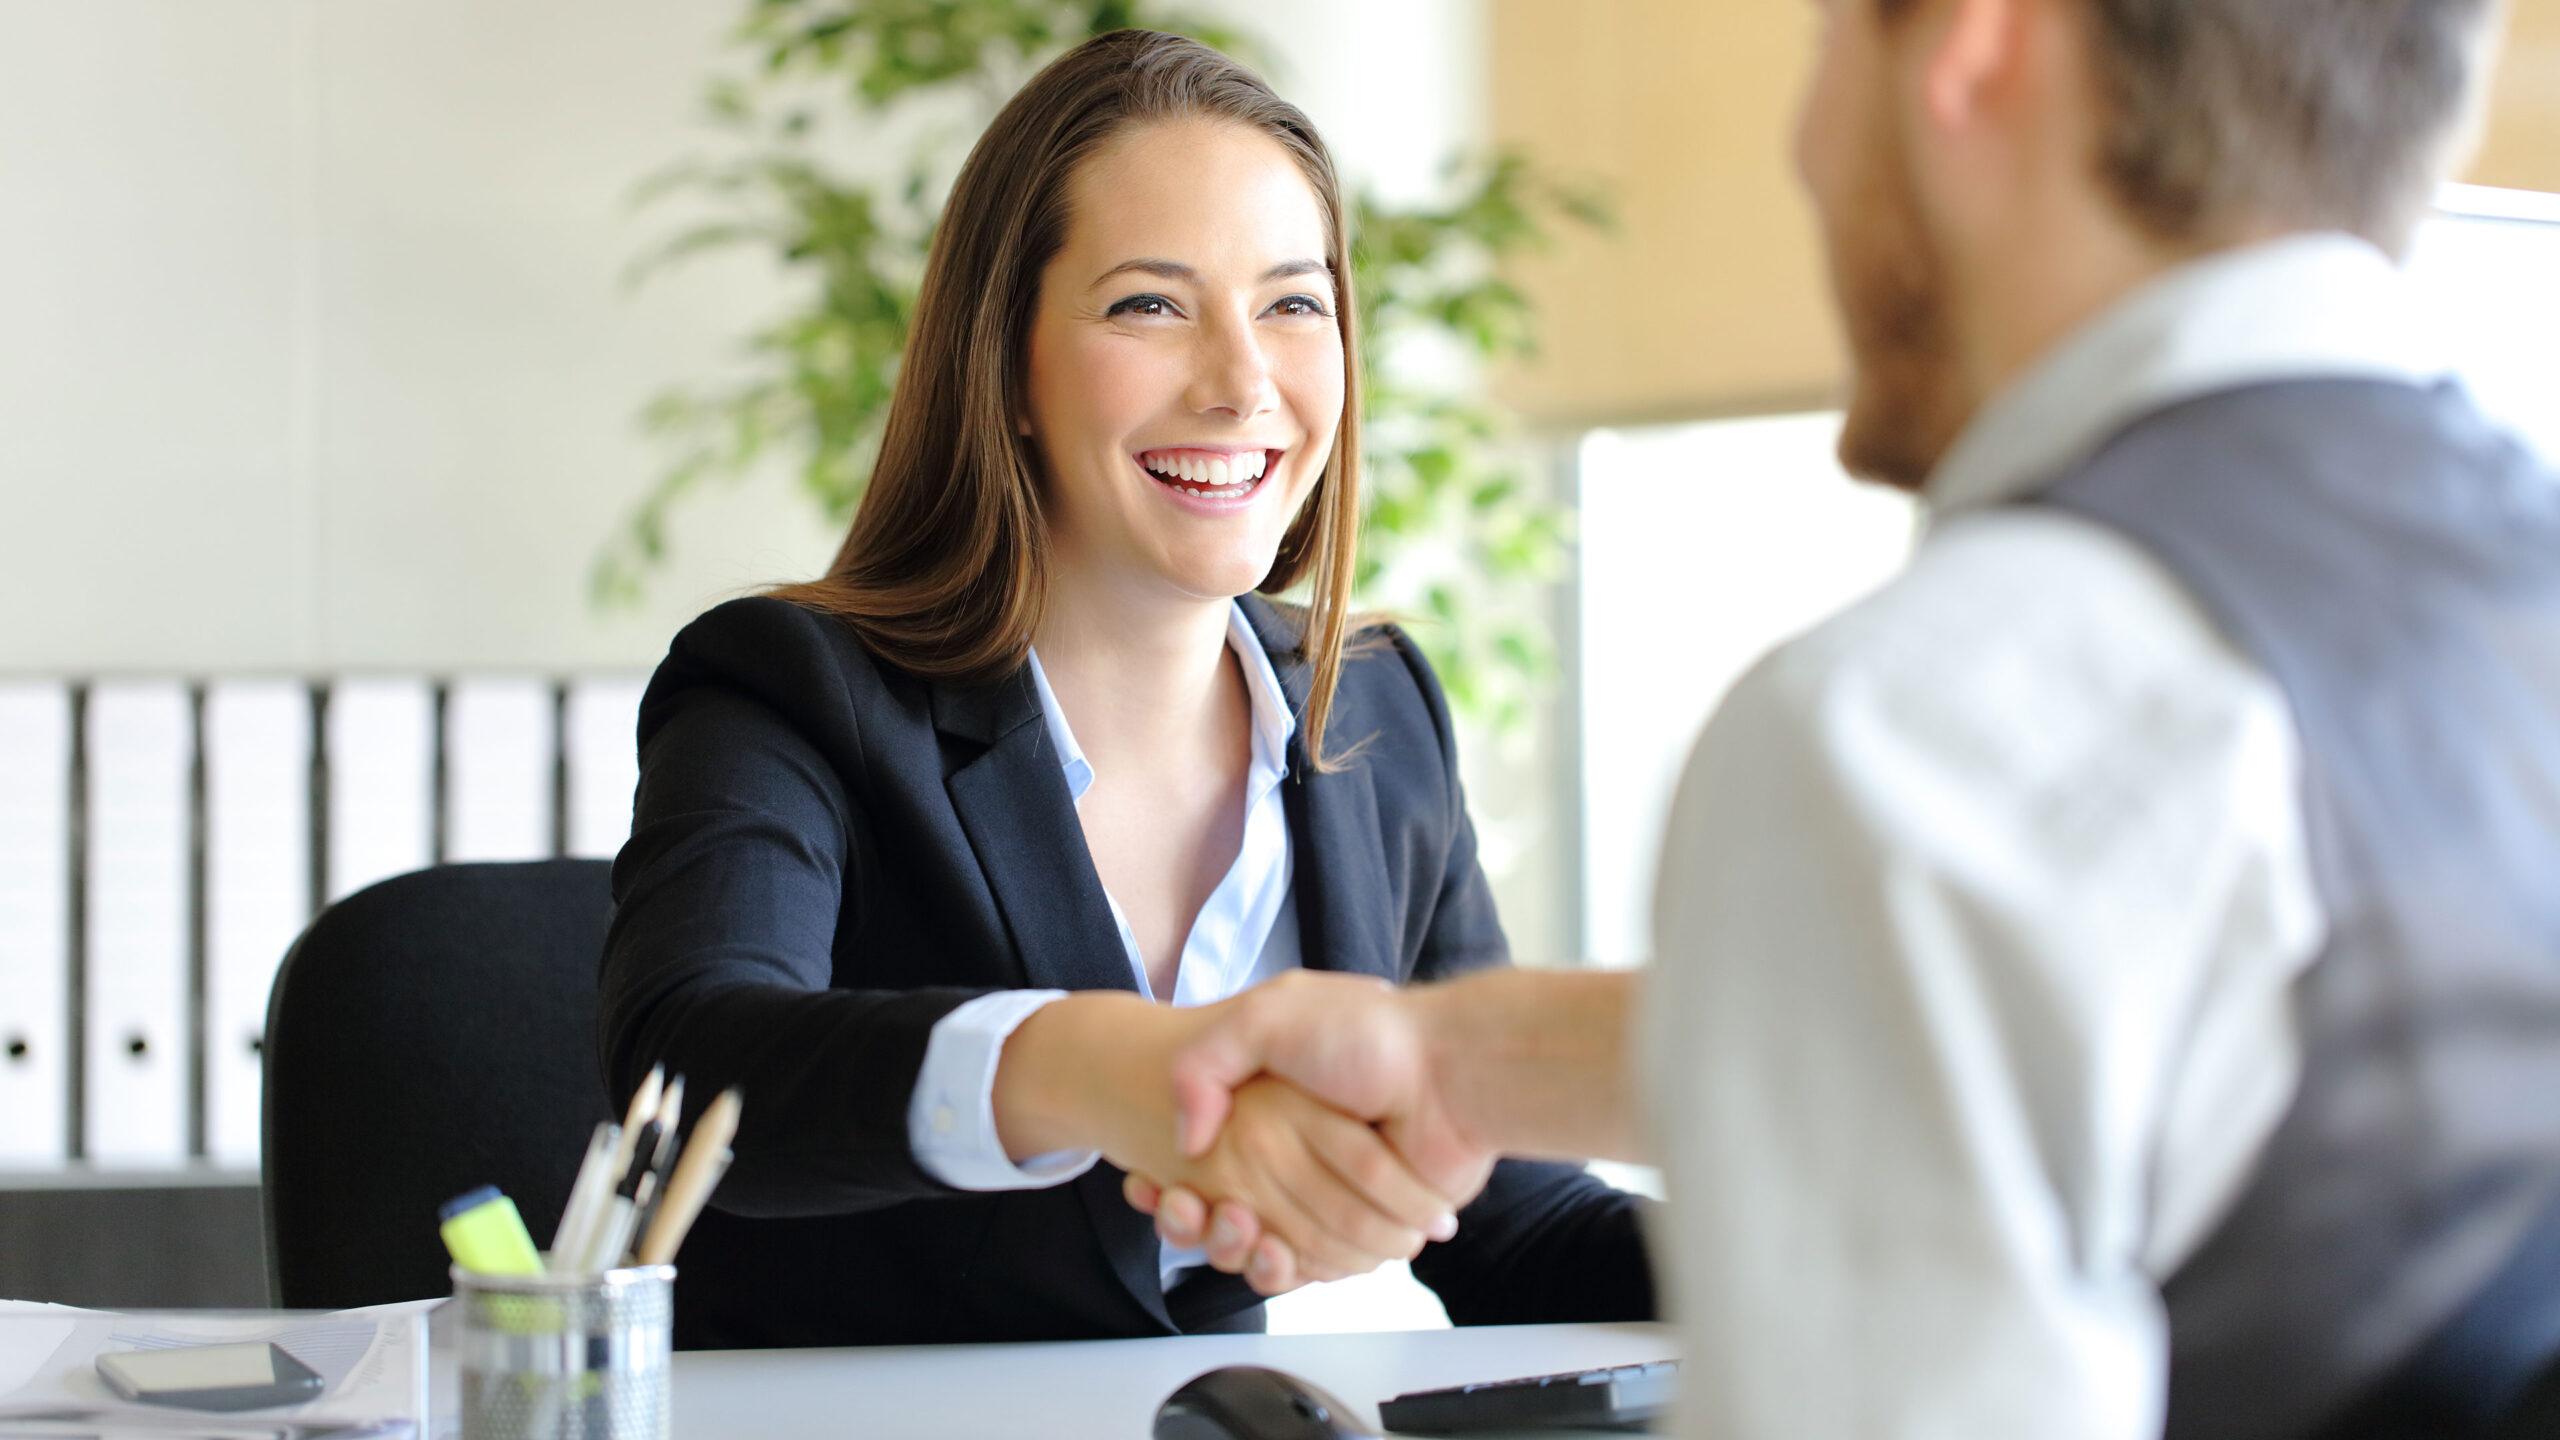 Преодолейте свой потолок в карьере. Получите должность руководителя или директора за счет новых навыков.